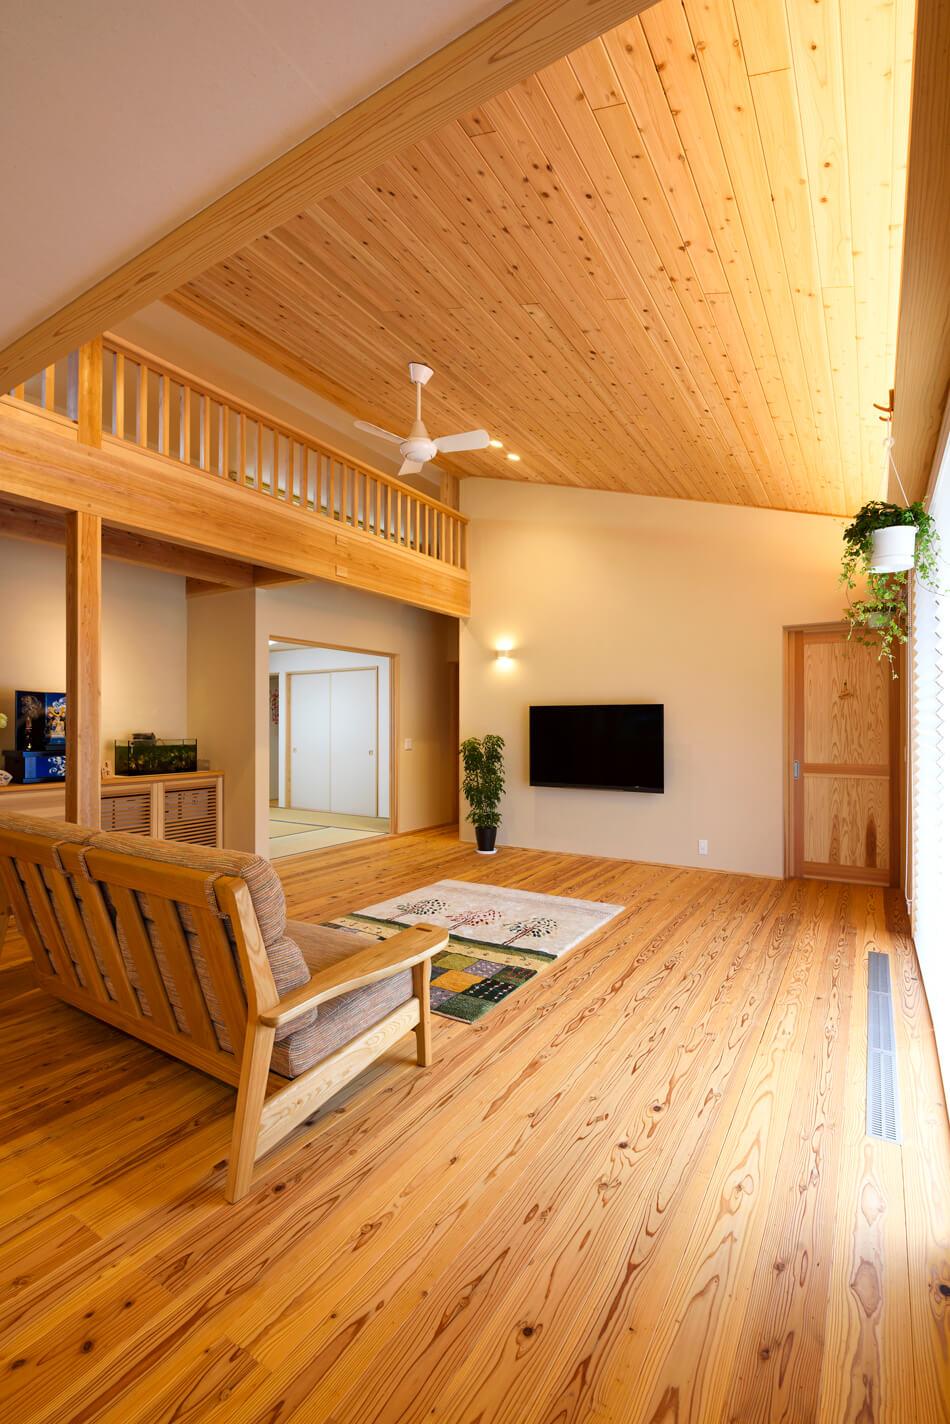 木の家|福岡の新築建築事例|平屋|3LDK+ロフト|リビング|エコワークス|CASE-20|内観03